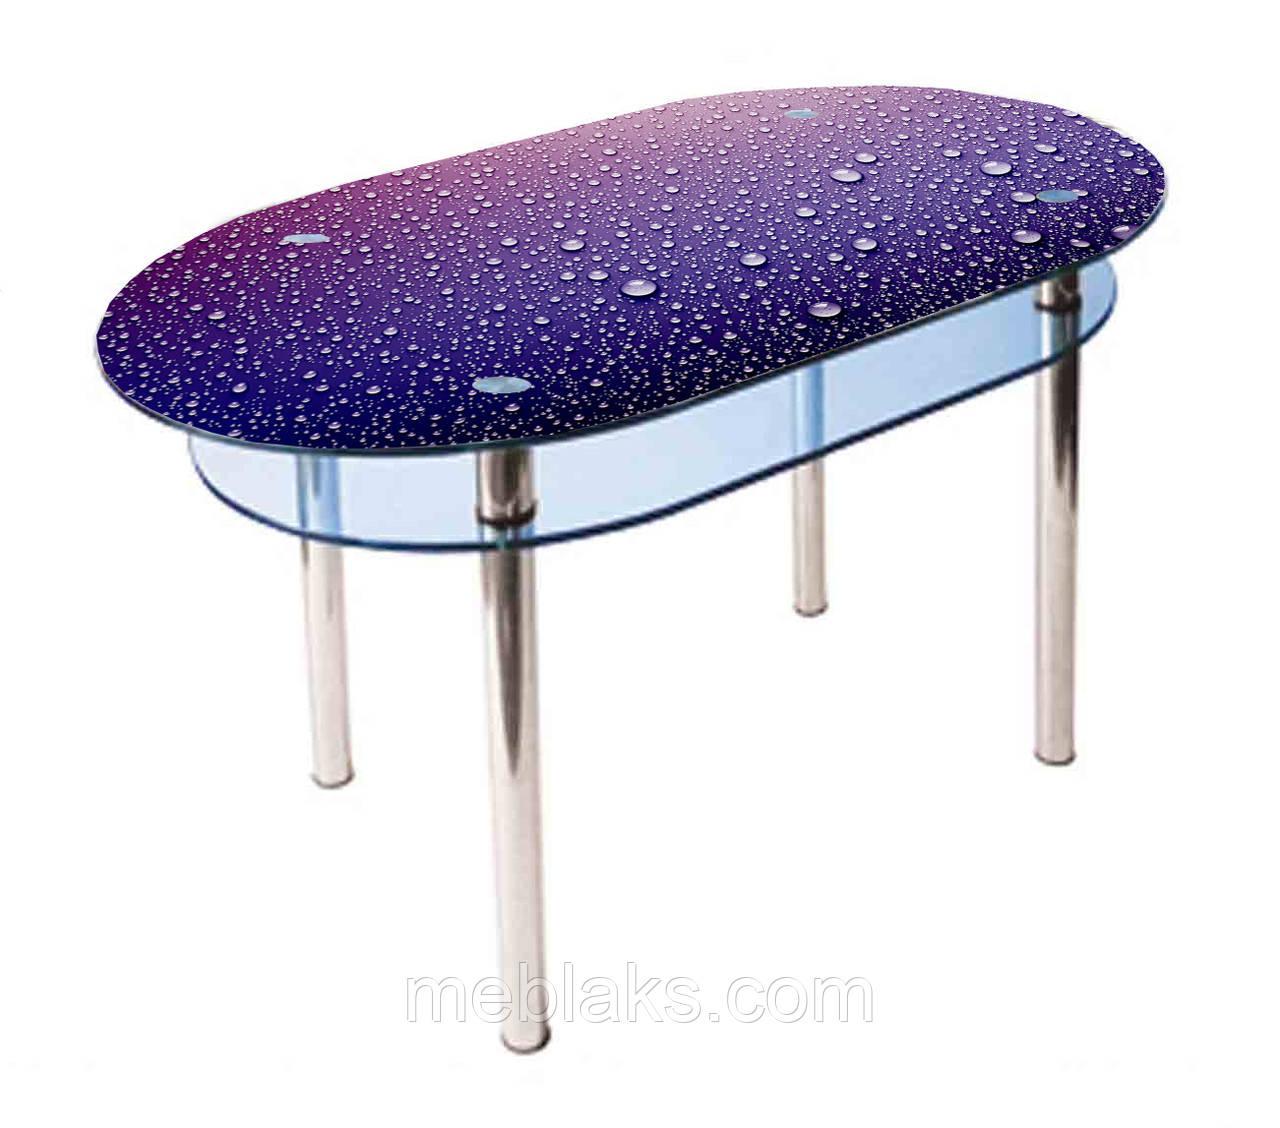 Стол стеклянный КС-6 (покраска)